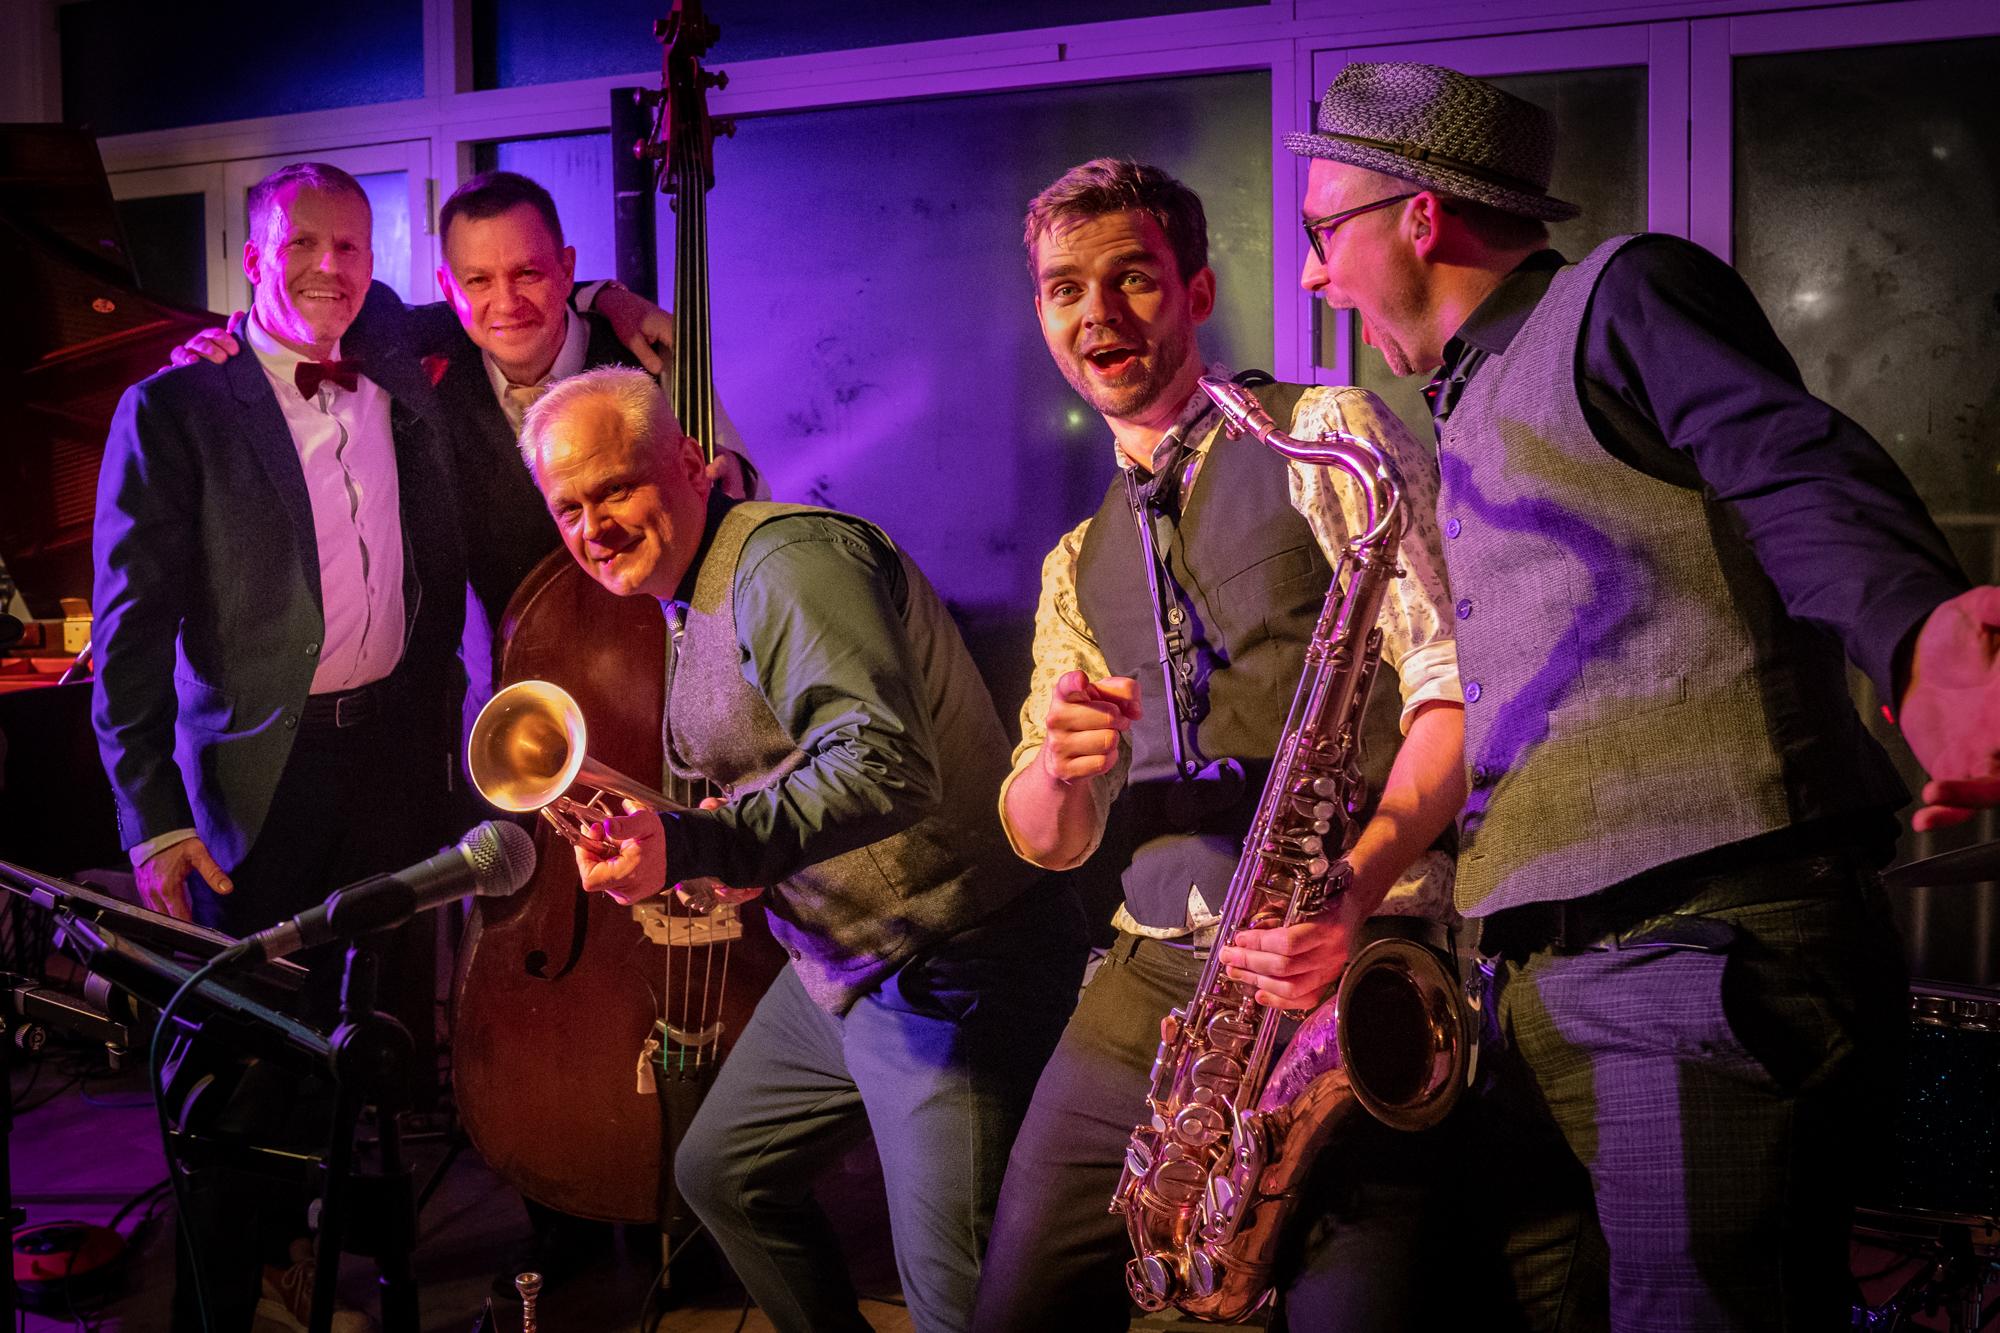 Flying Jazzman Quintet in København on 17/01/20